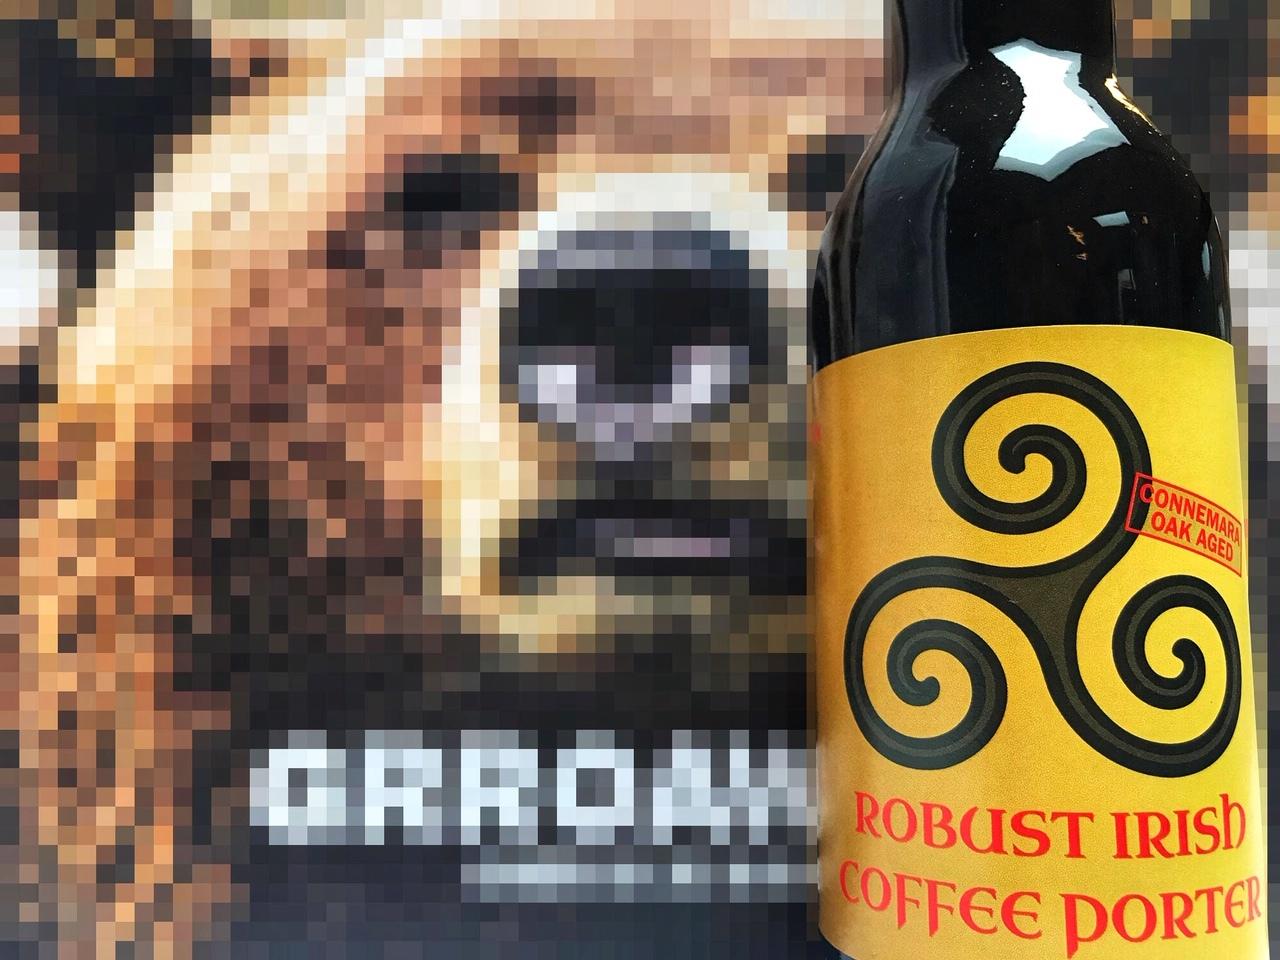 Robust Irish Coffee Porter van Brouwerij Stijl